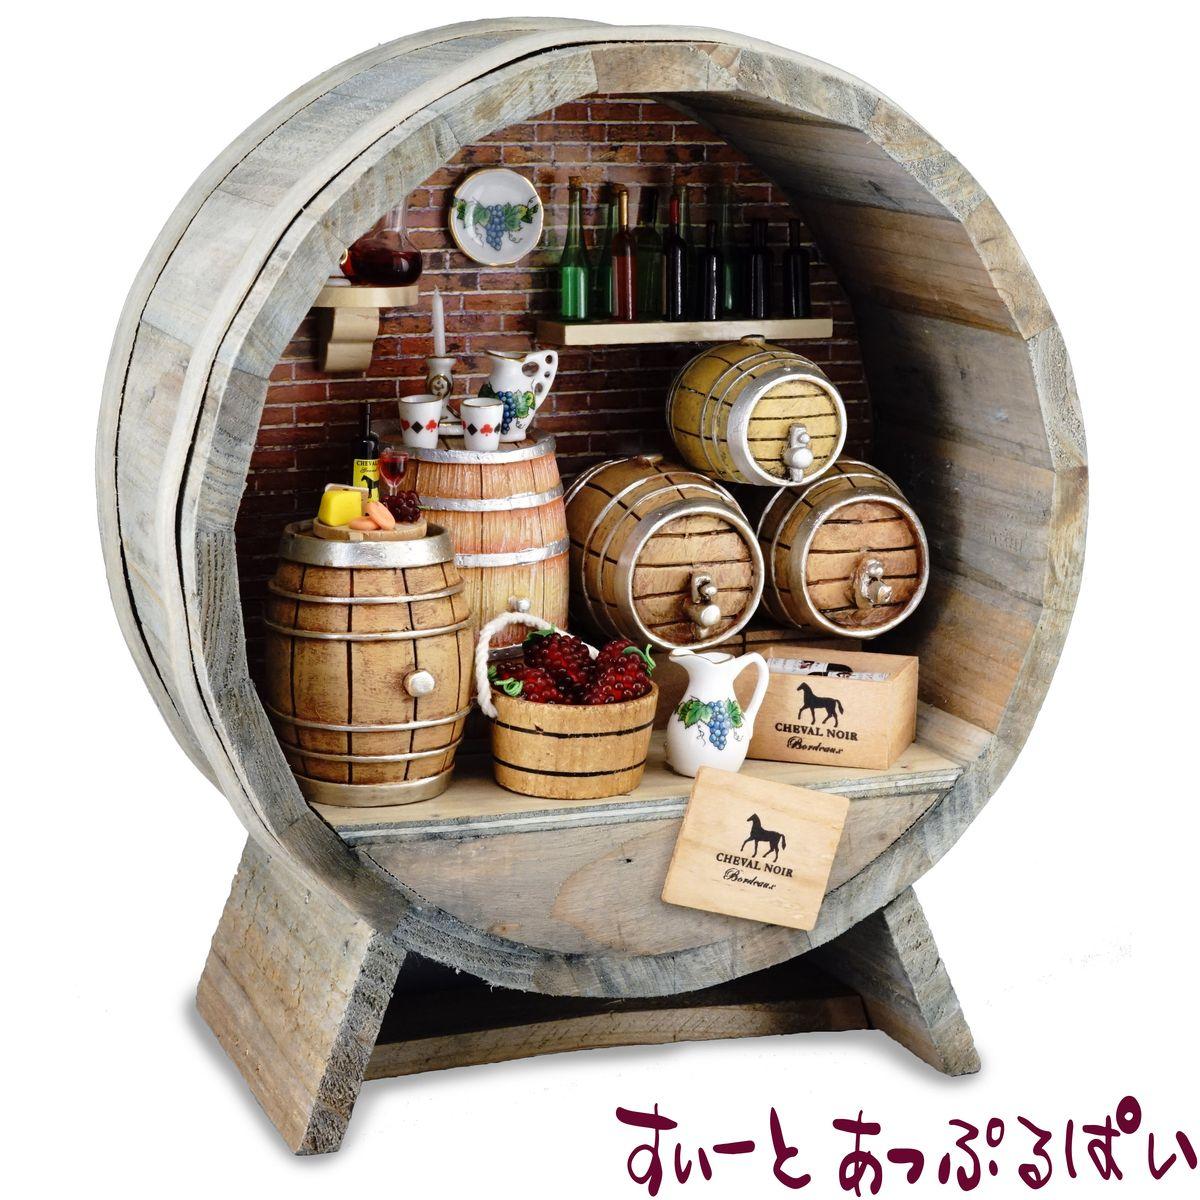 ミニチュア  ロイターポーセリン  バーレル ワインセラー RP1729-0 ドールハウス用